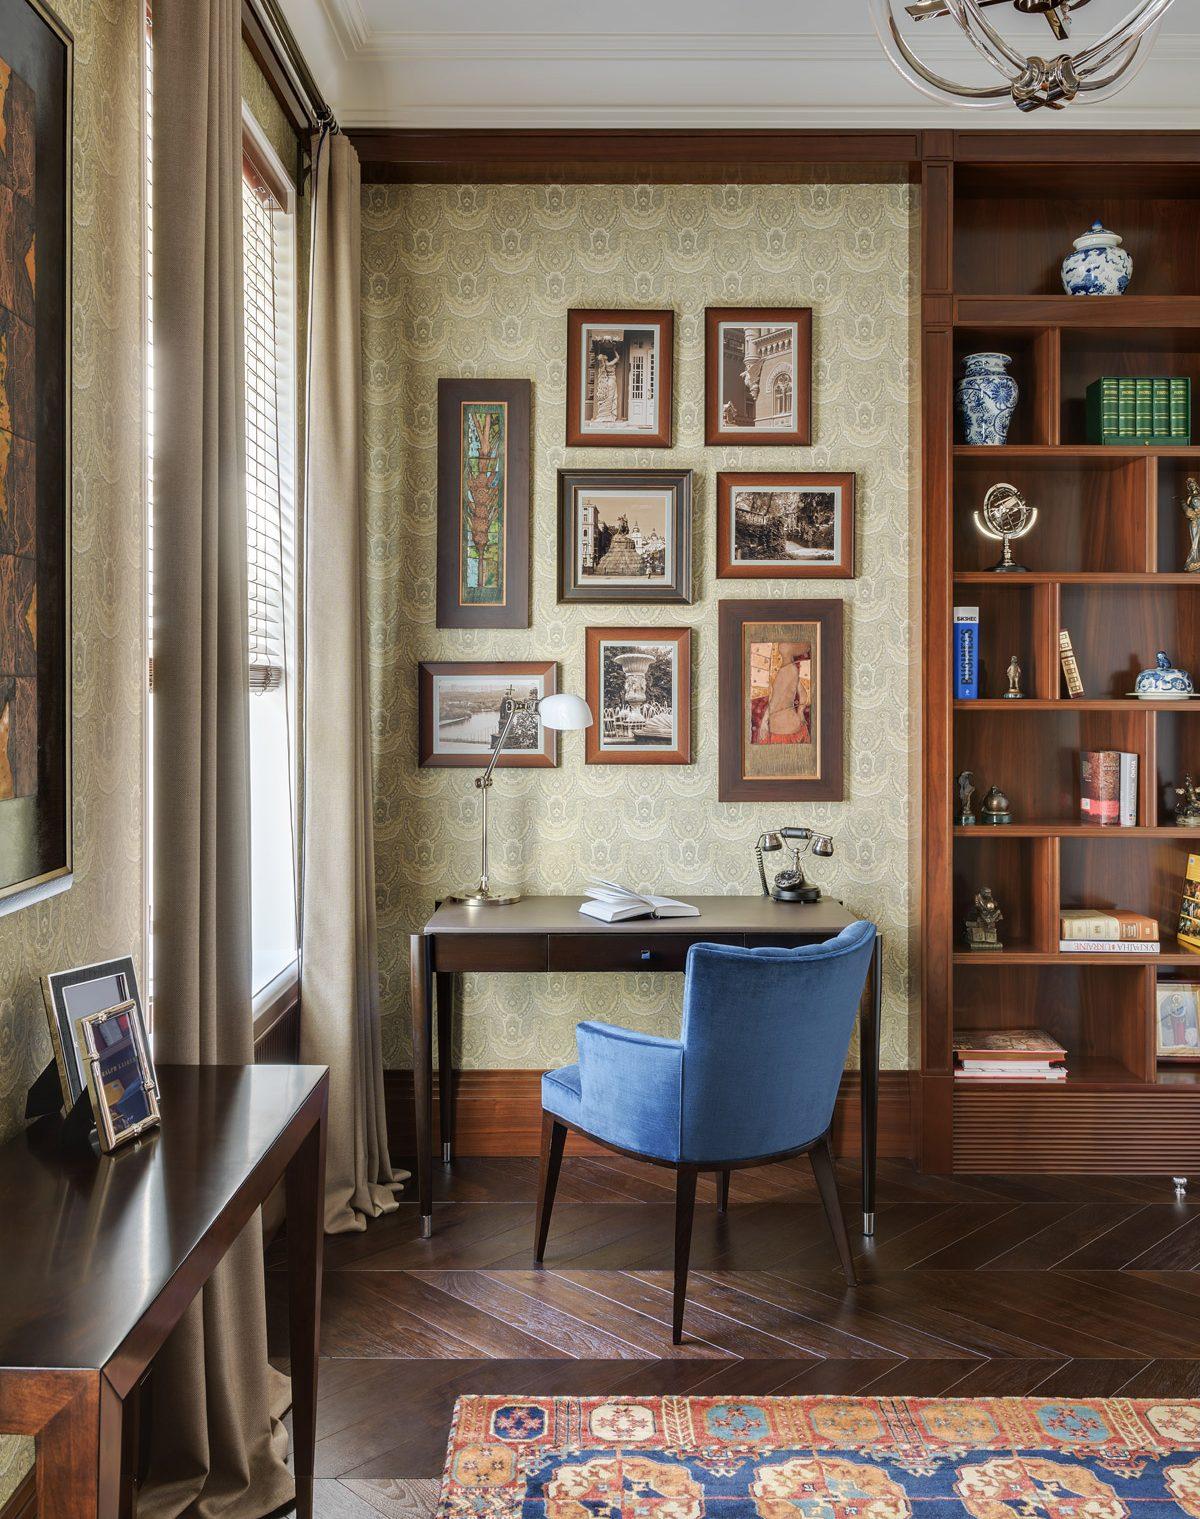 Residential design by Kolomoiets Project